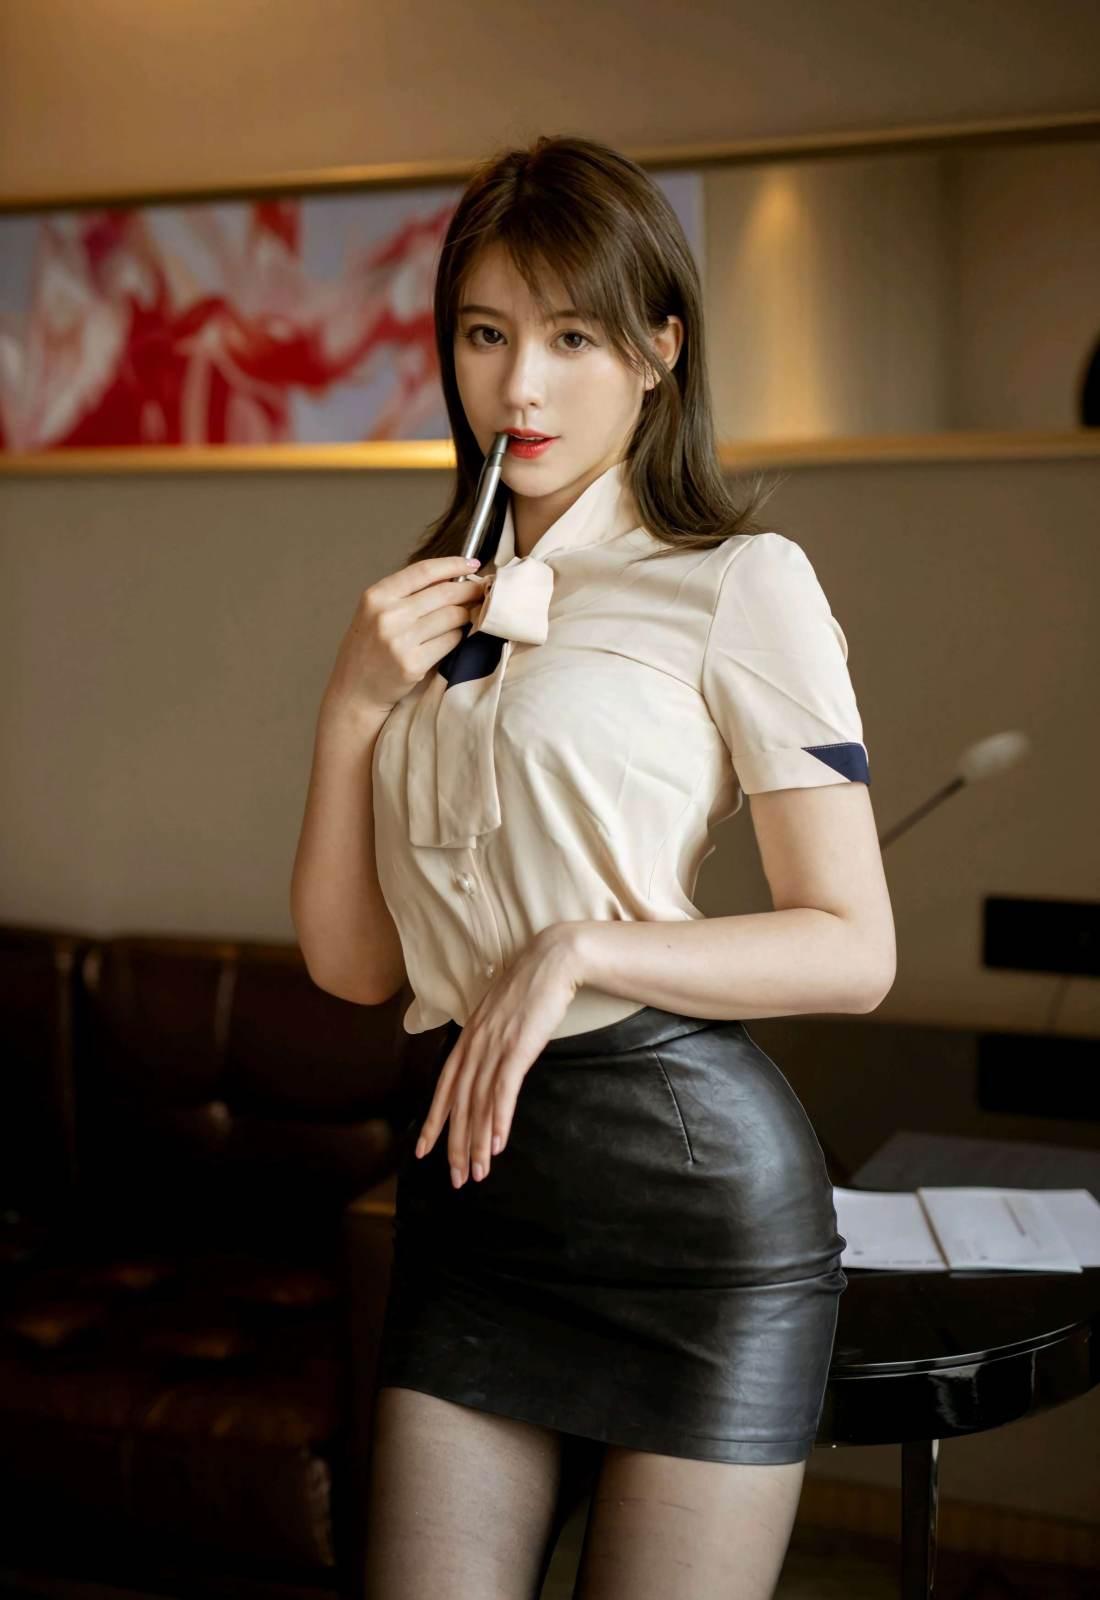 第209期明艳动人优优(高跟,黑丝,丝袜,连体丝袜)_图片4